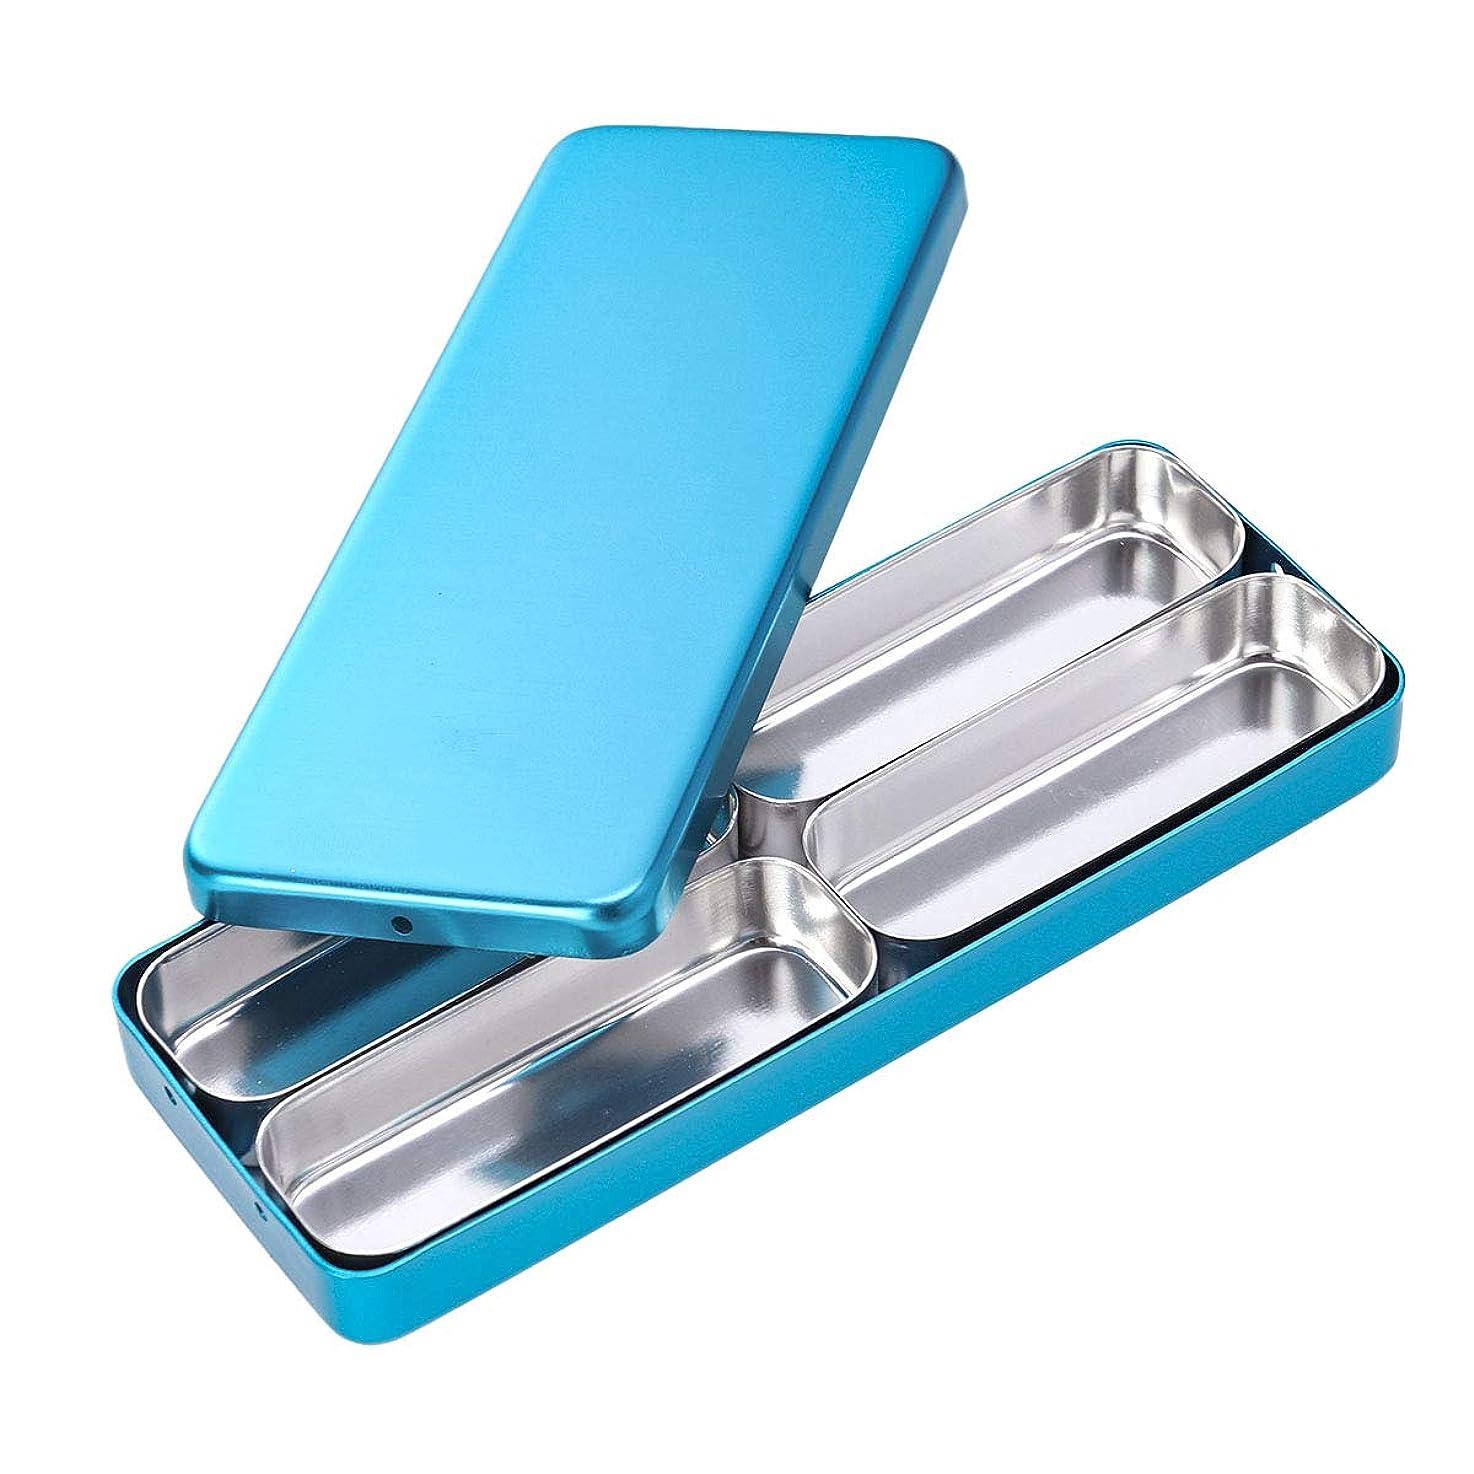 指定雪かすかなHealifty 歯科材料の針の消毒箱4つのコンパートメントアルミニウム消毒箱の青